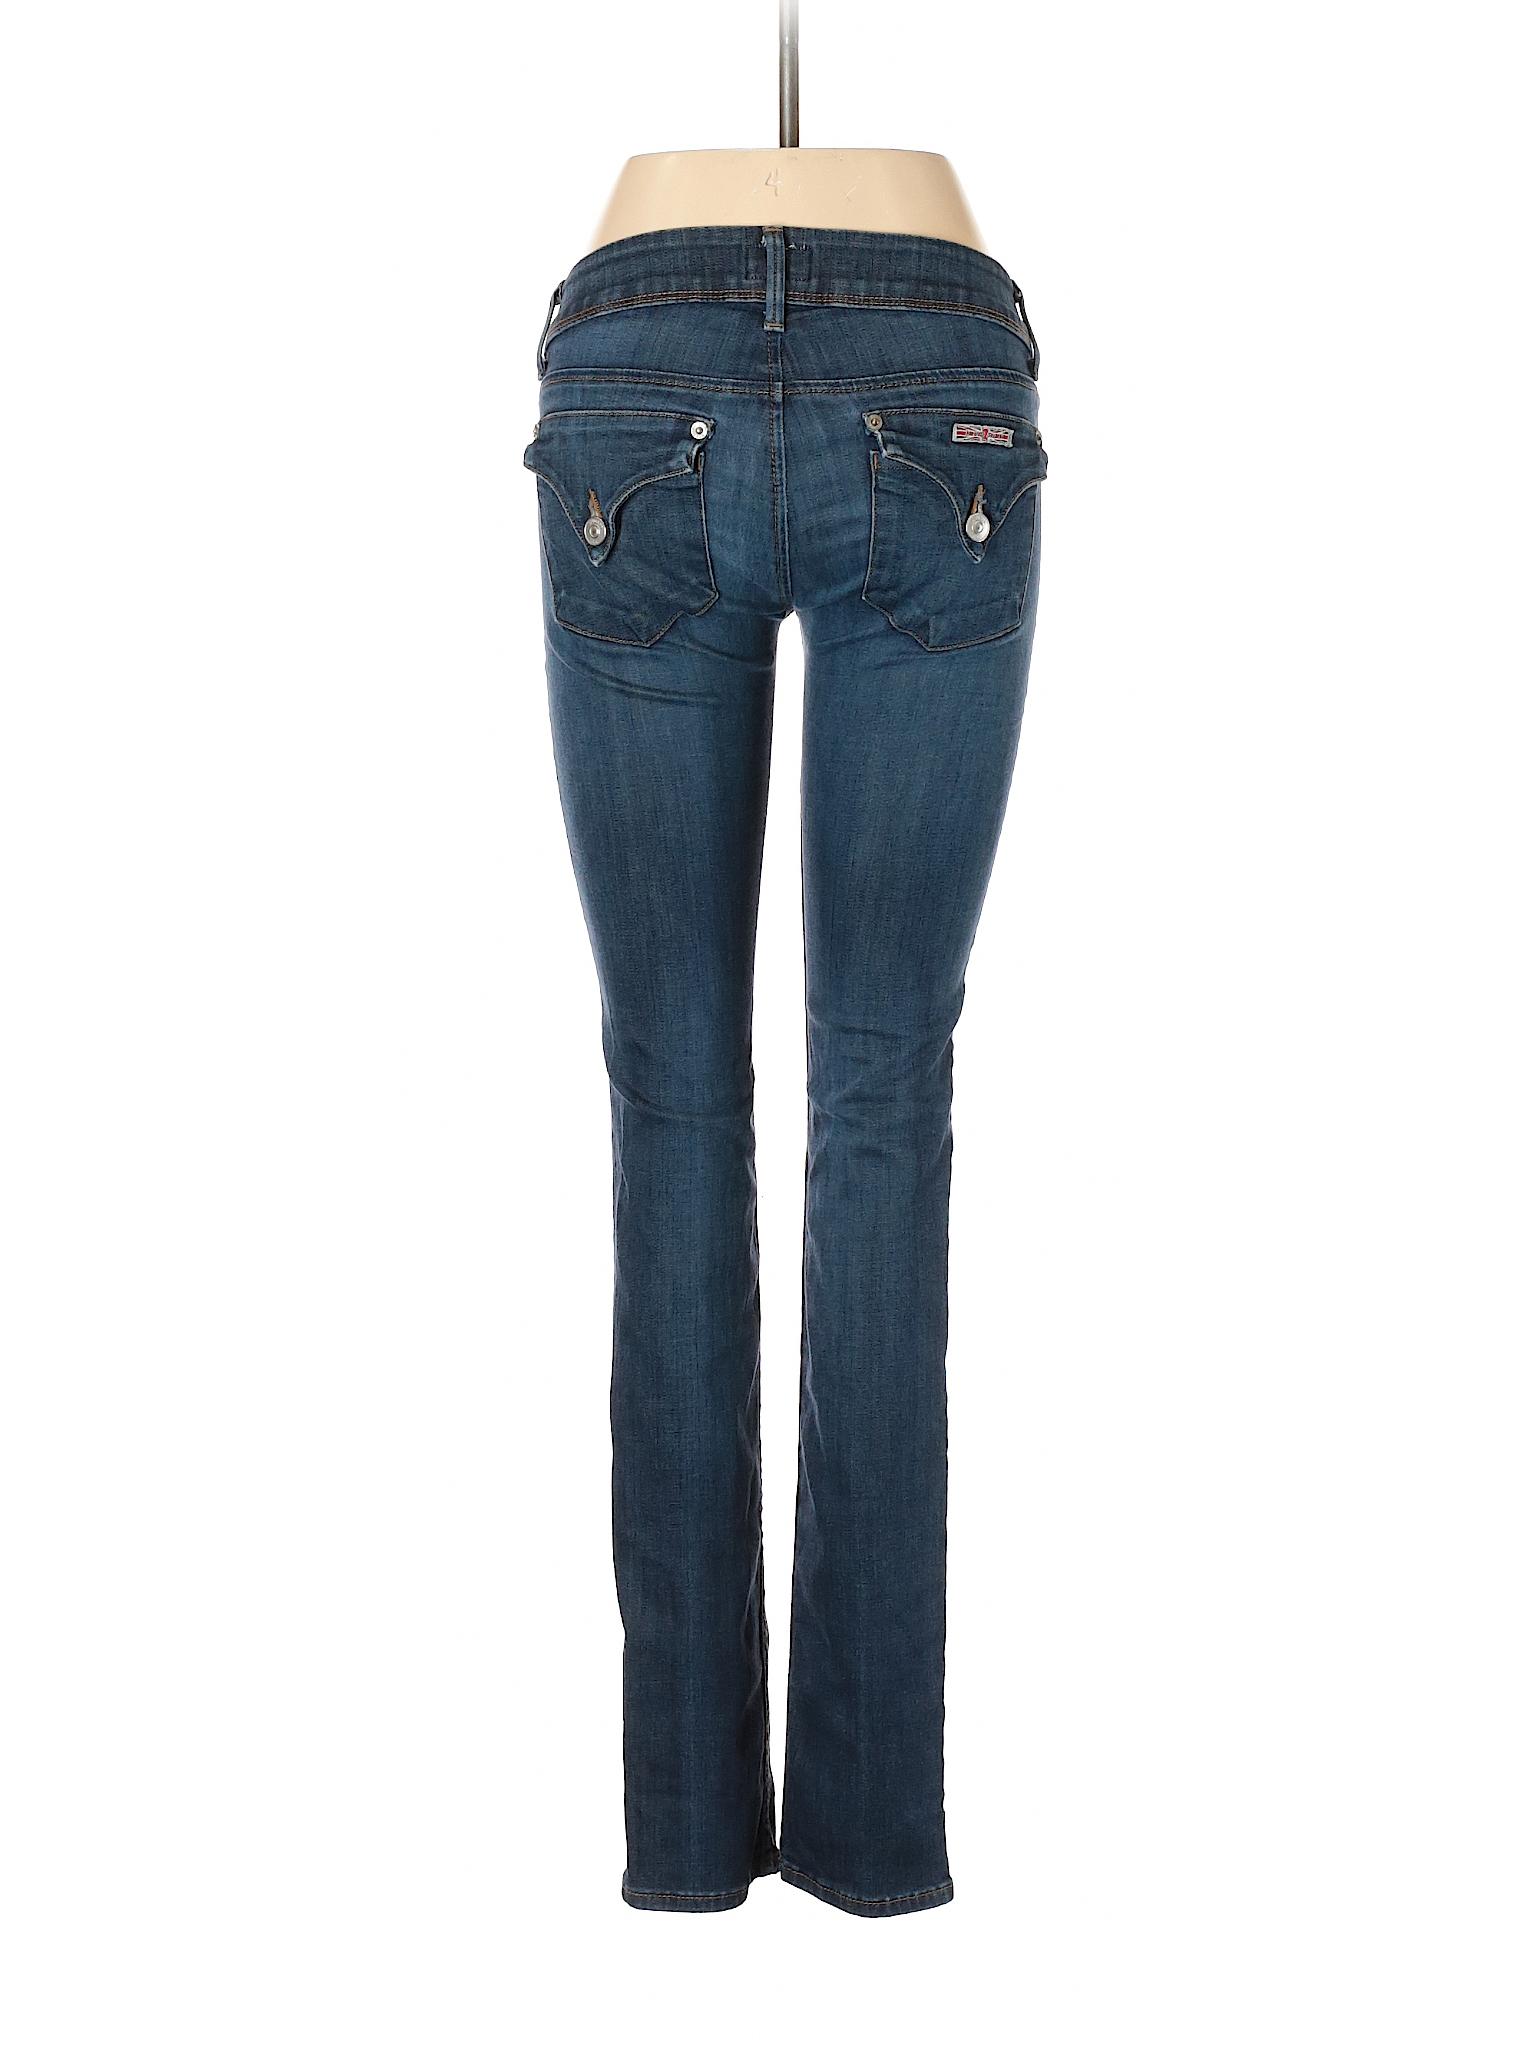 Promotion Jeans Hudson Promotion Hudson 7qr18UYqw